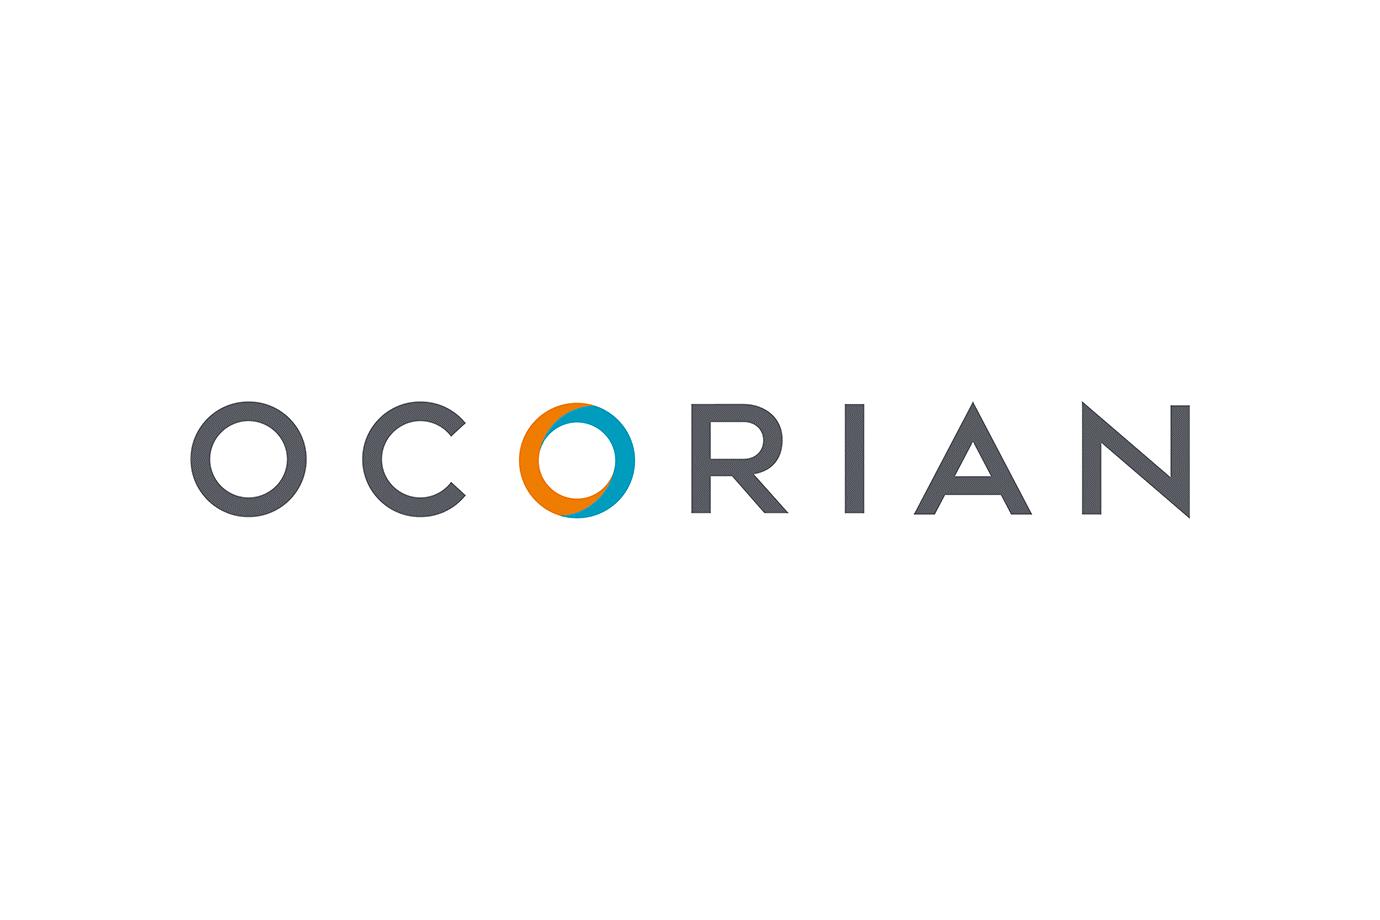 Ocorian